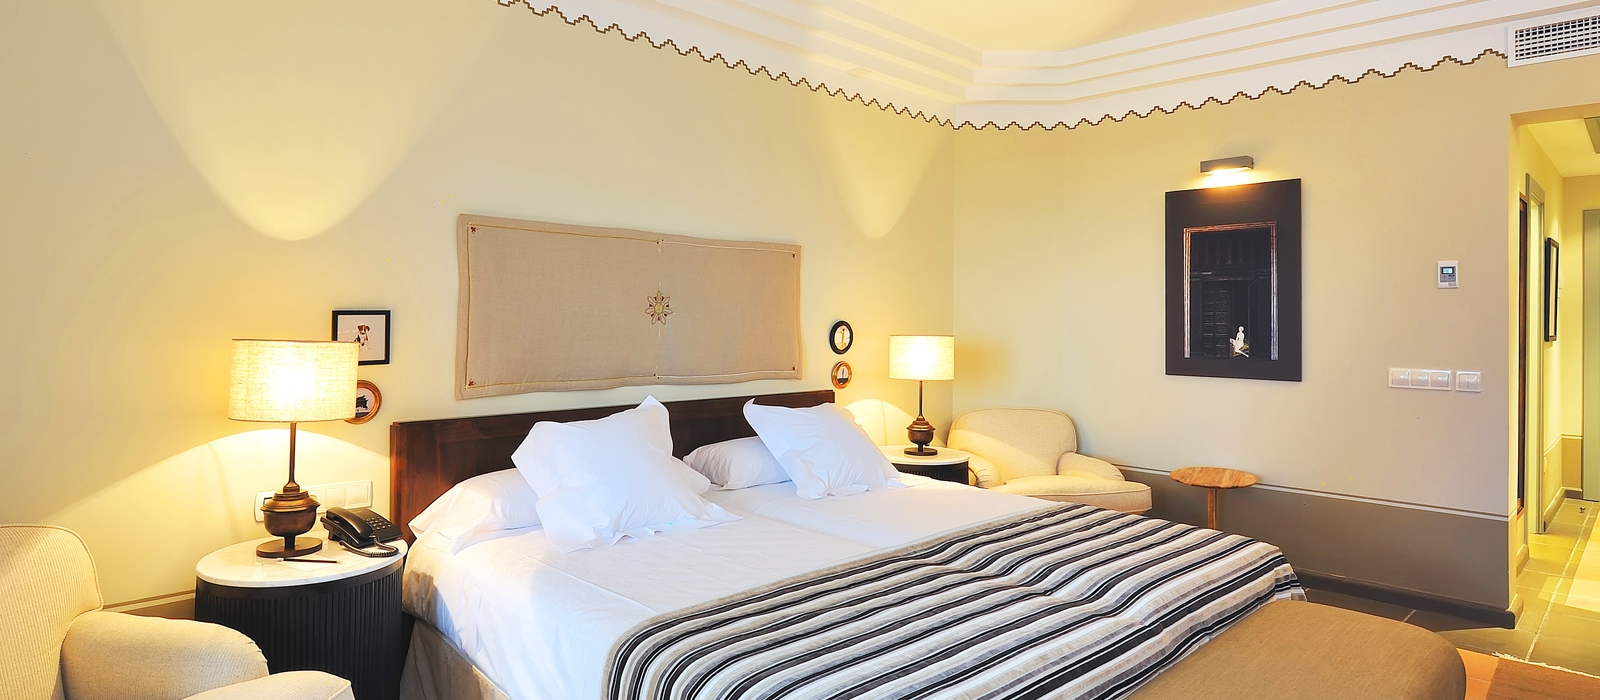 Angebote Hotel Vincci Selección Estrella del Mar - Jetzt buchen und 10% sparen!